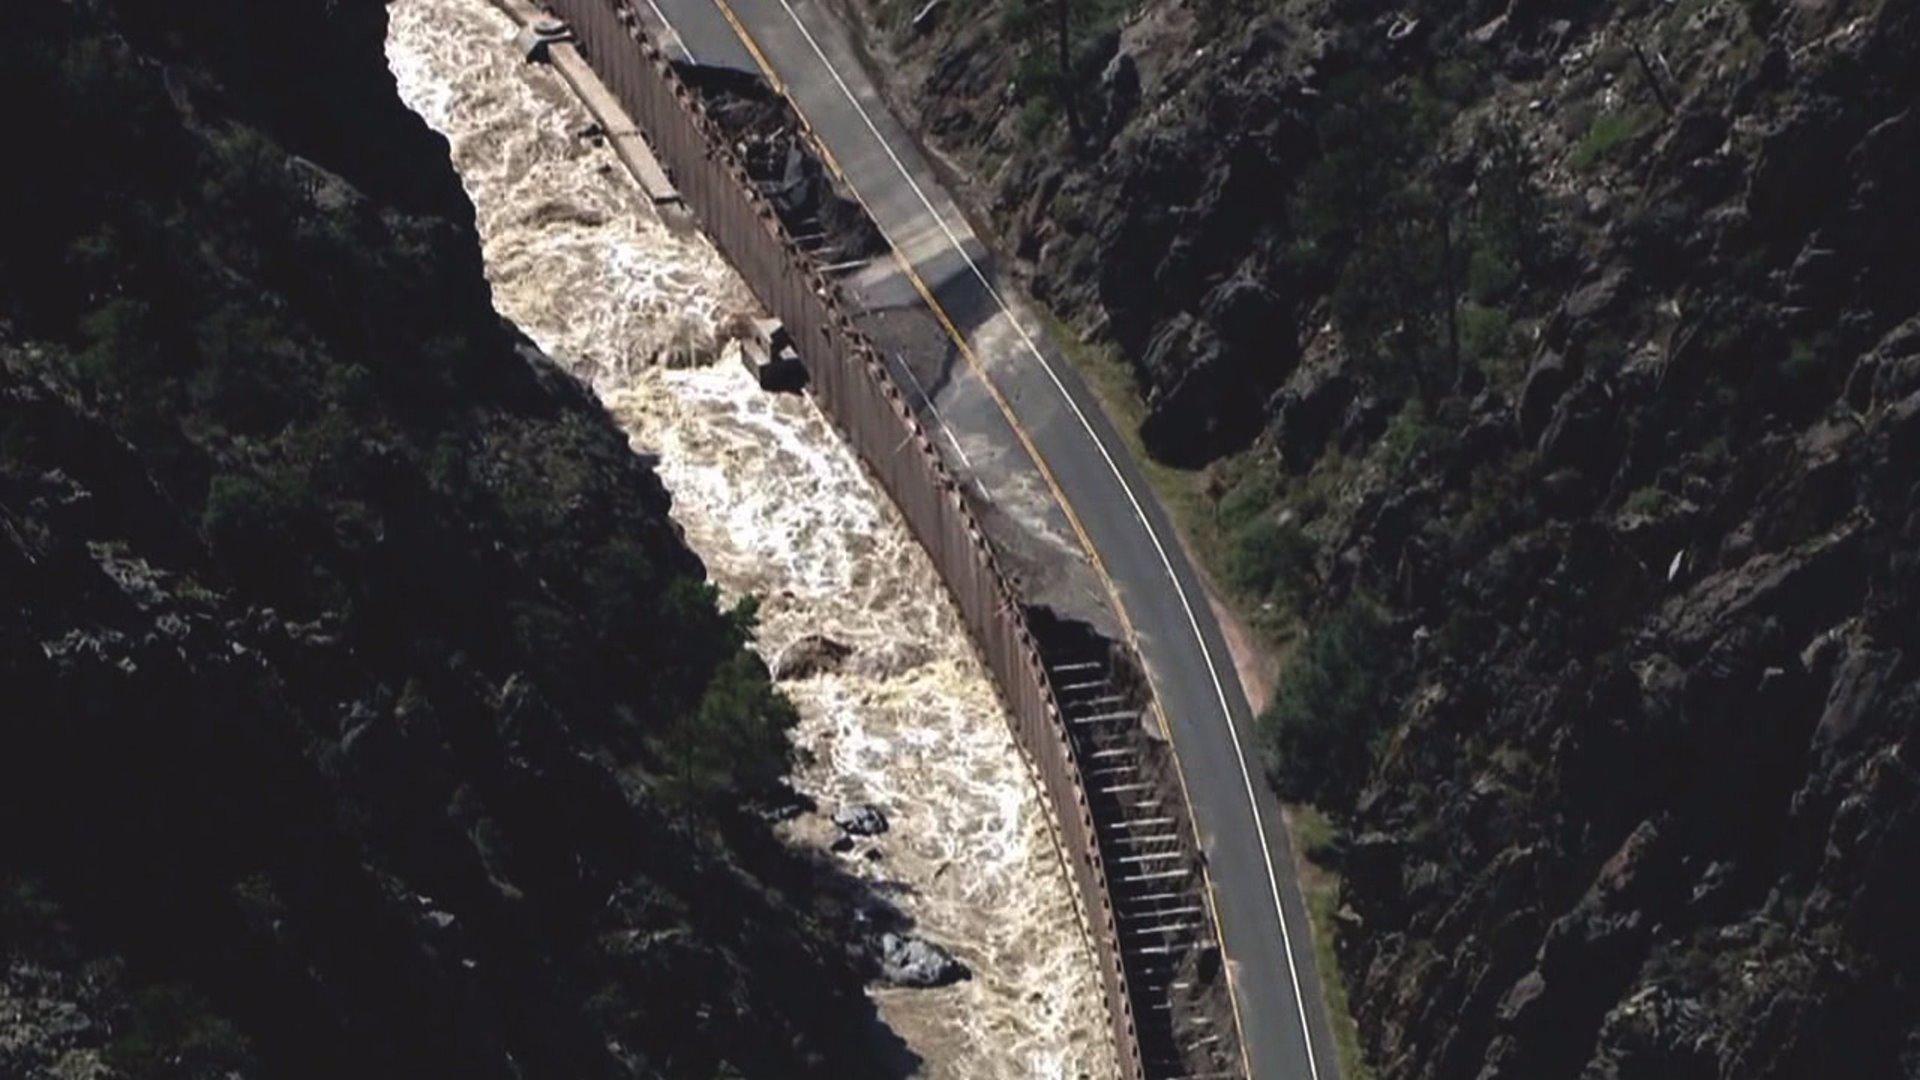 Road damaged in 2013 floods